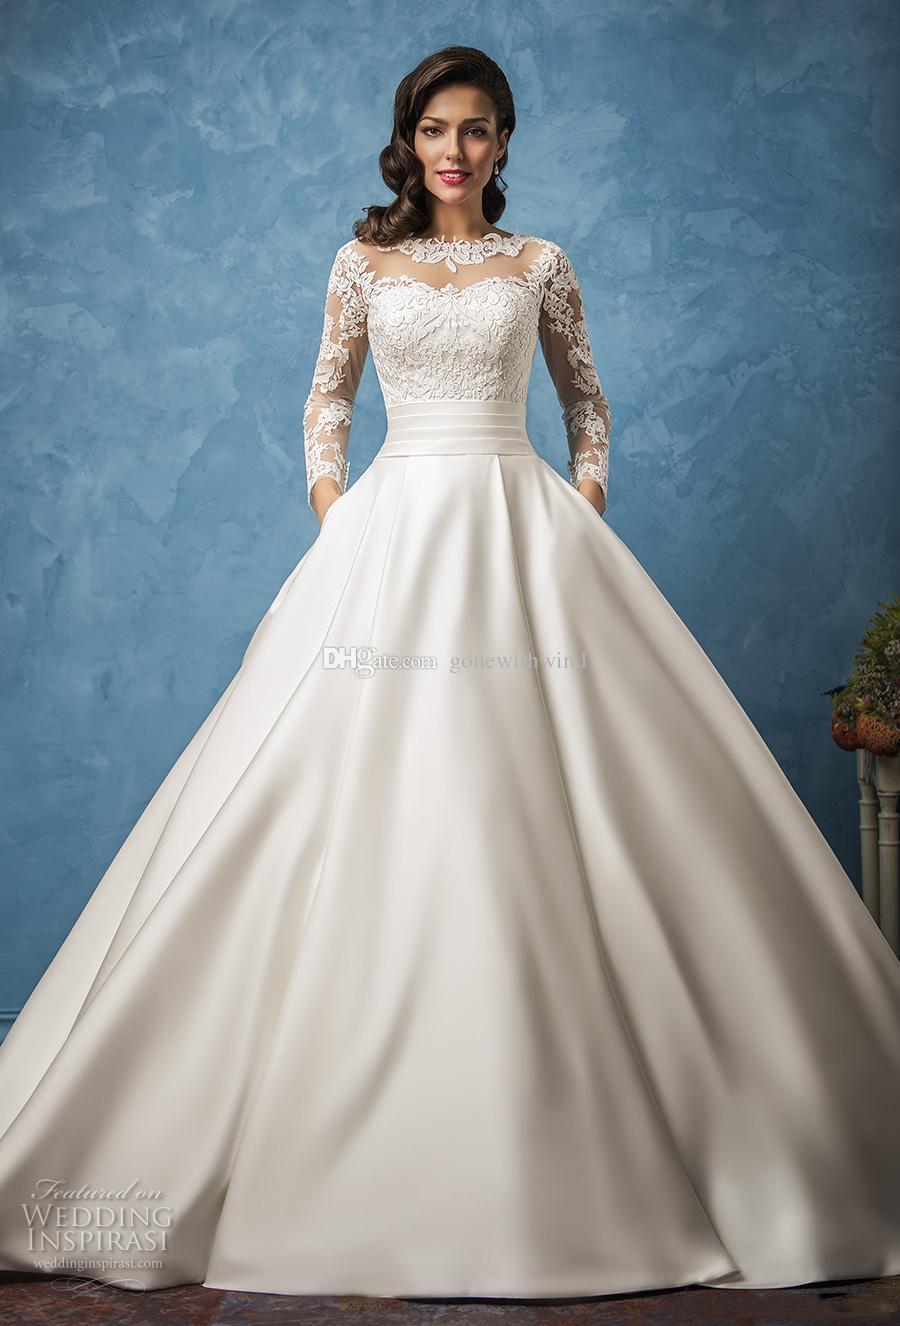 Großhandel Taschen Königlichen Zug Satin Vintage Brautkleider 2017 ...